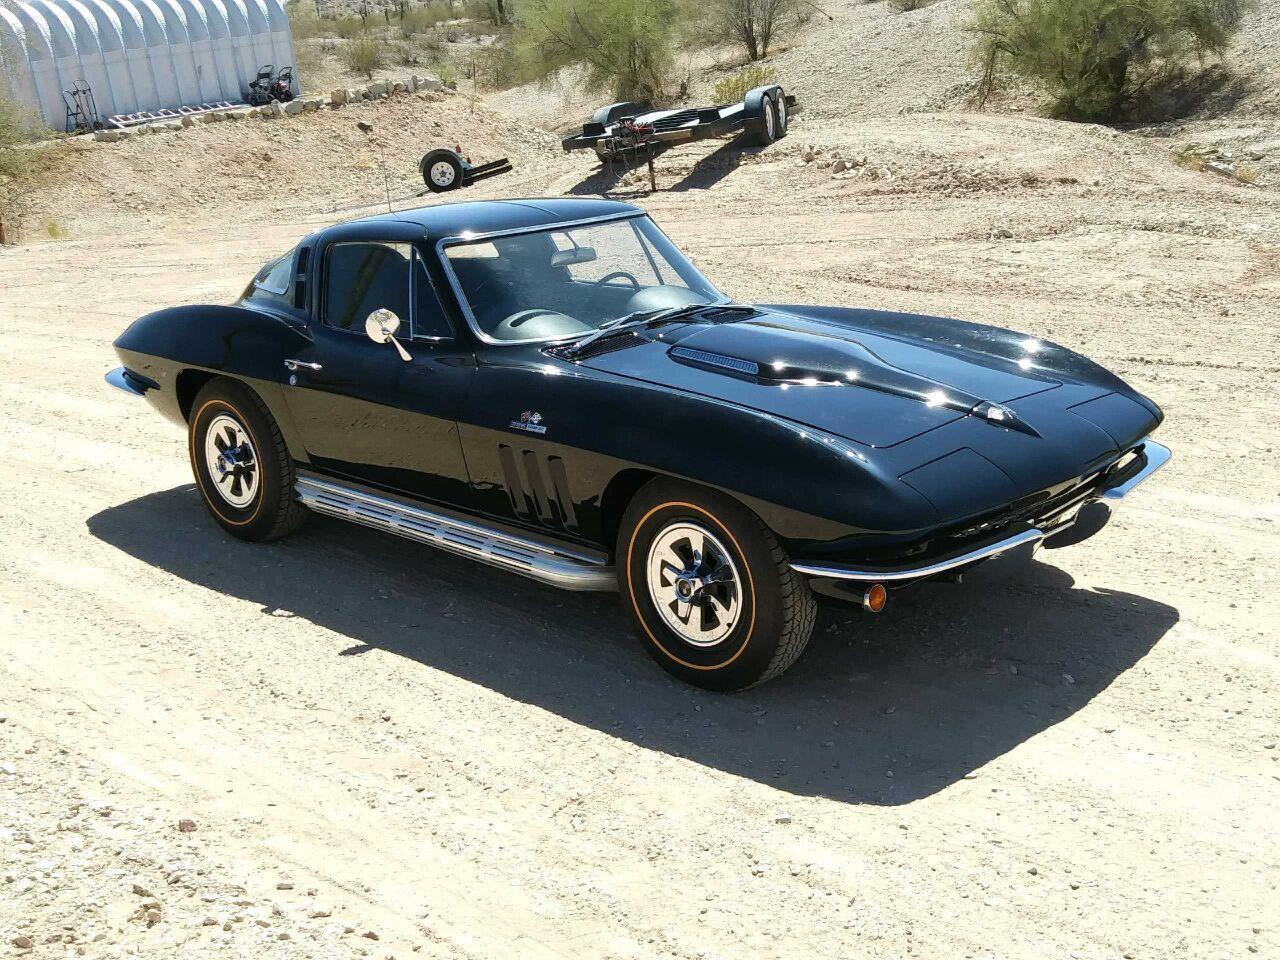 1965 Chevrolet Corvette (CC-1106941) for sale in San Luis Obispo, California